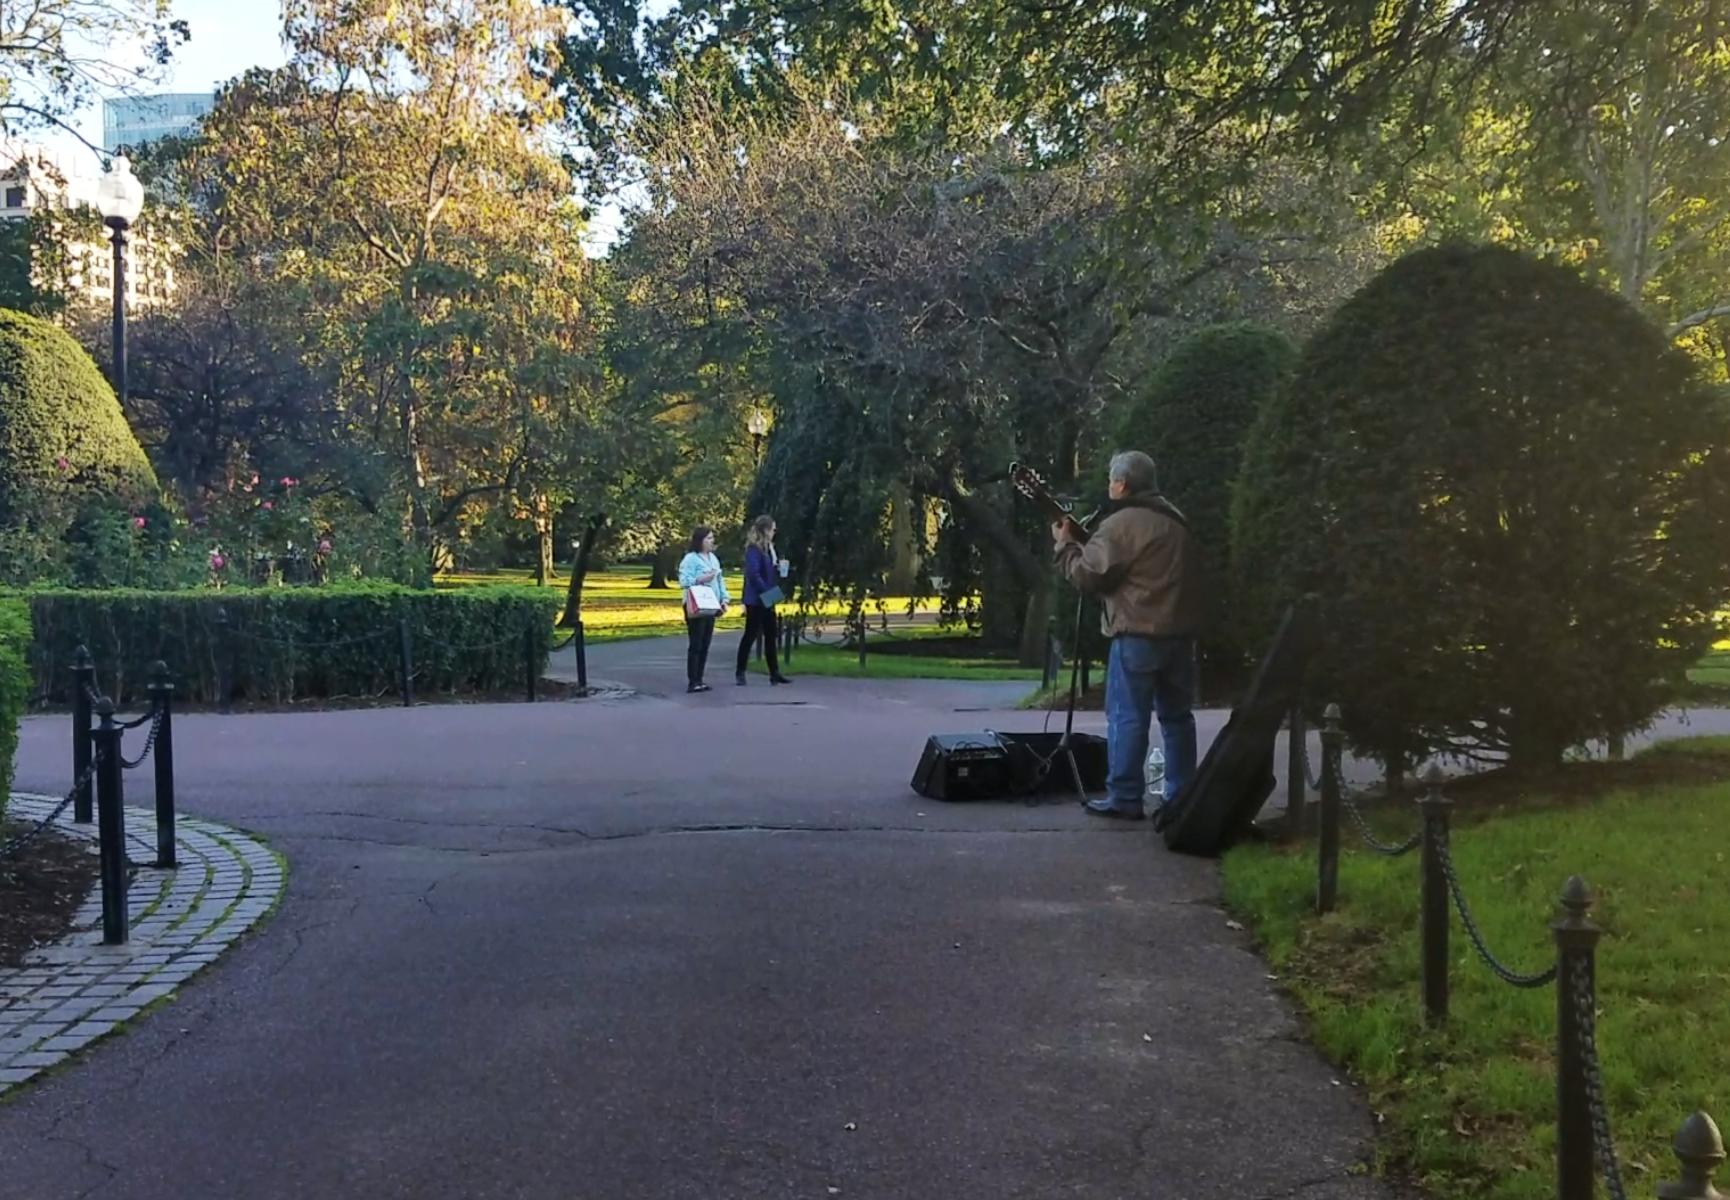 Don Pedro, de 78 años, complementa sus ingresos tocando guitarra en los parques de Boston. Sin ahorros ni pensión, se pregunta cómo hará cuando ya no pueda trabajar.